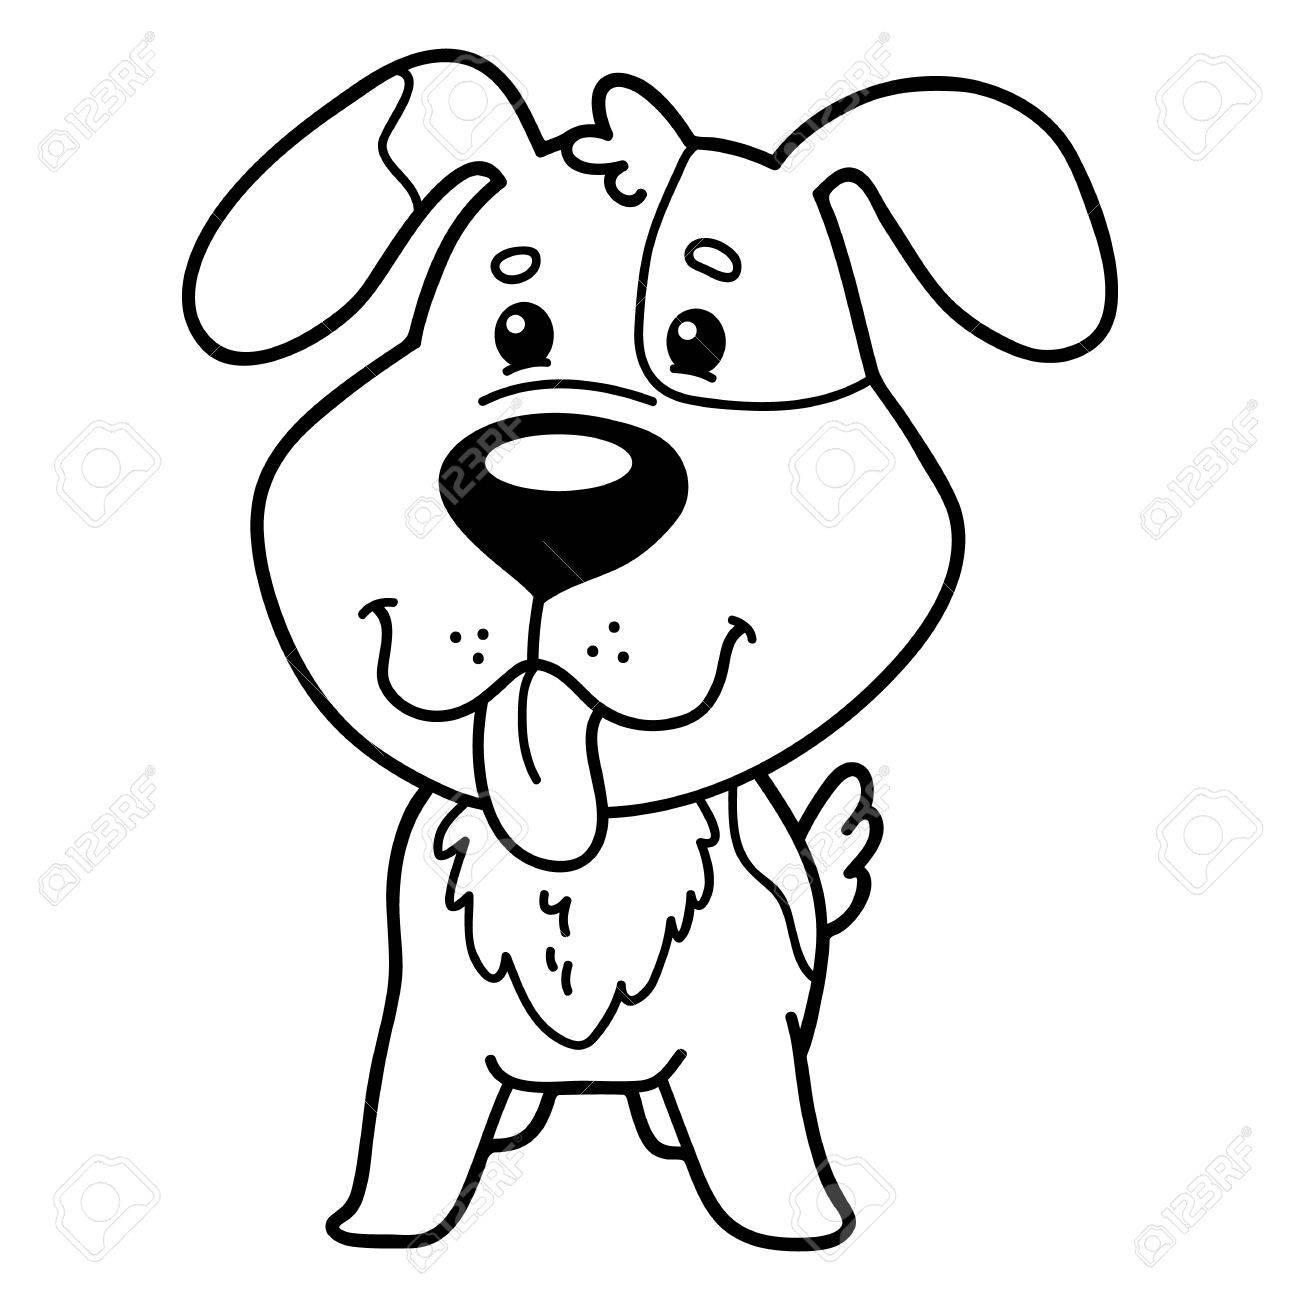 Ausgezeichnet Malvorlagen Für Kinder Tiere Niedlich Fotos ...